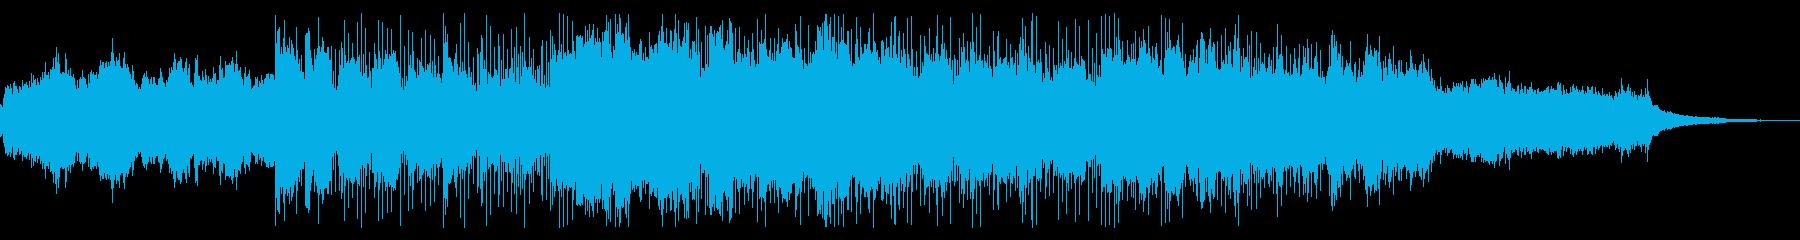 デジタルでミステリアスなIDMの再生済みの波形